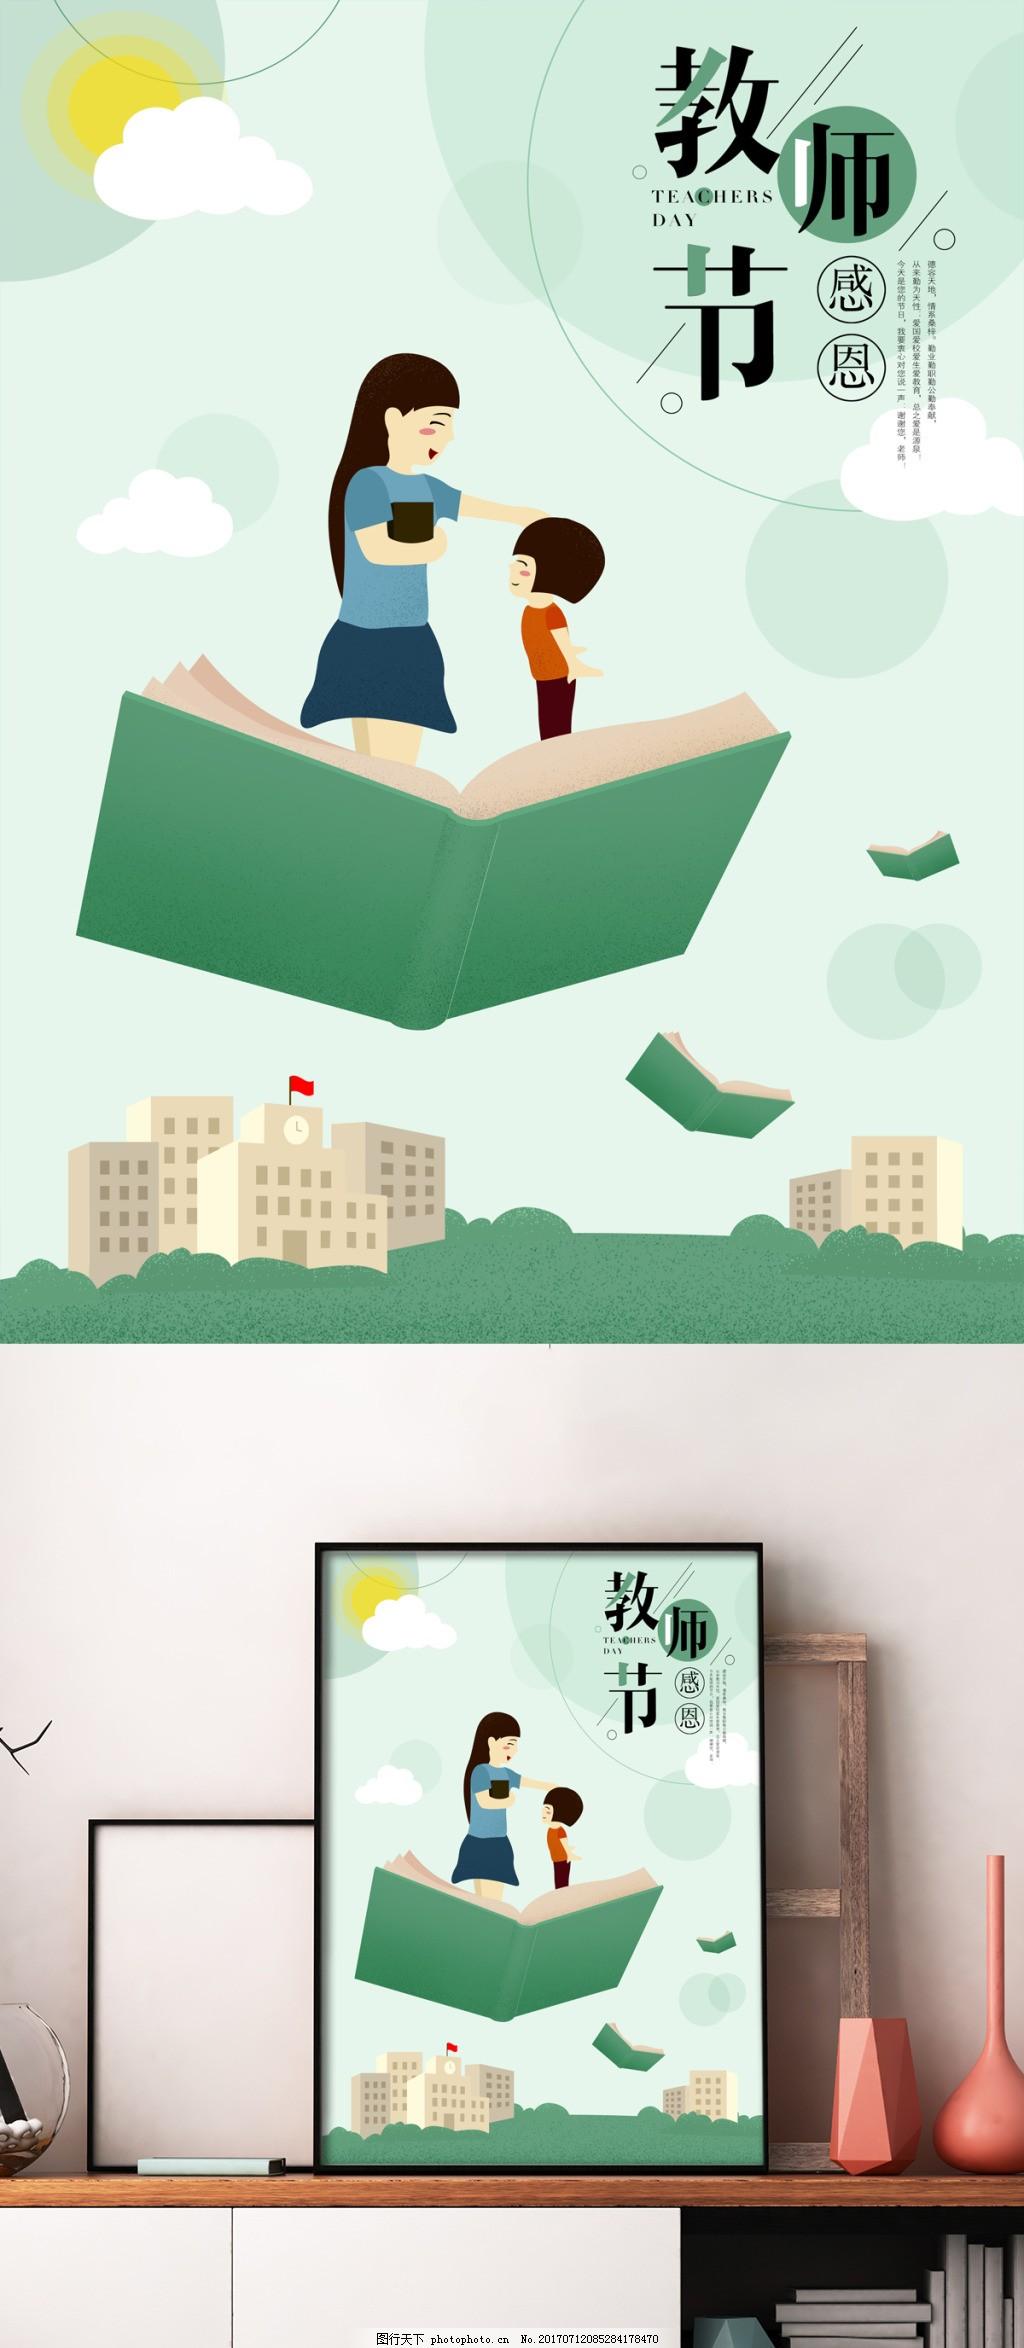 原创插画感恩教师节手绘海报